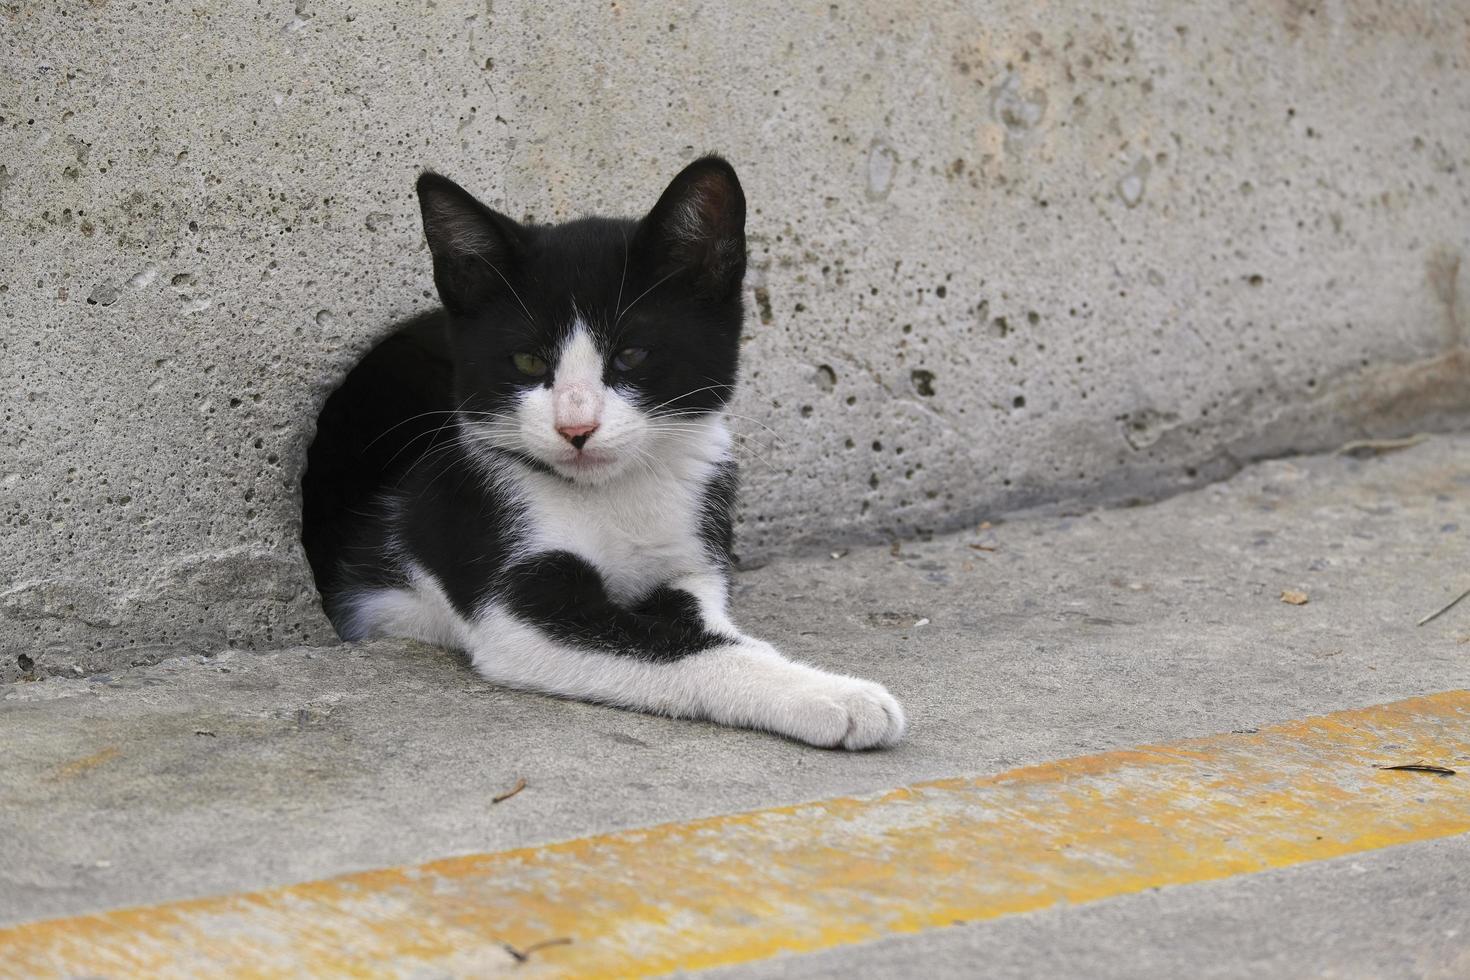 gatito acostado en un agujero de la pared de hormigón foto